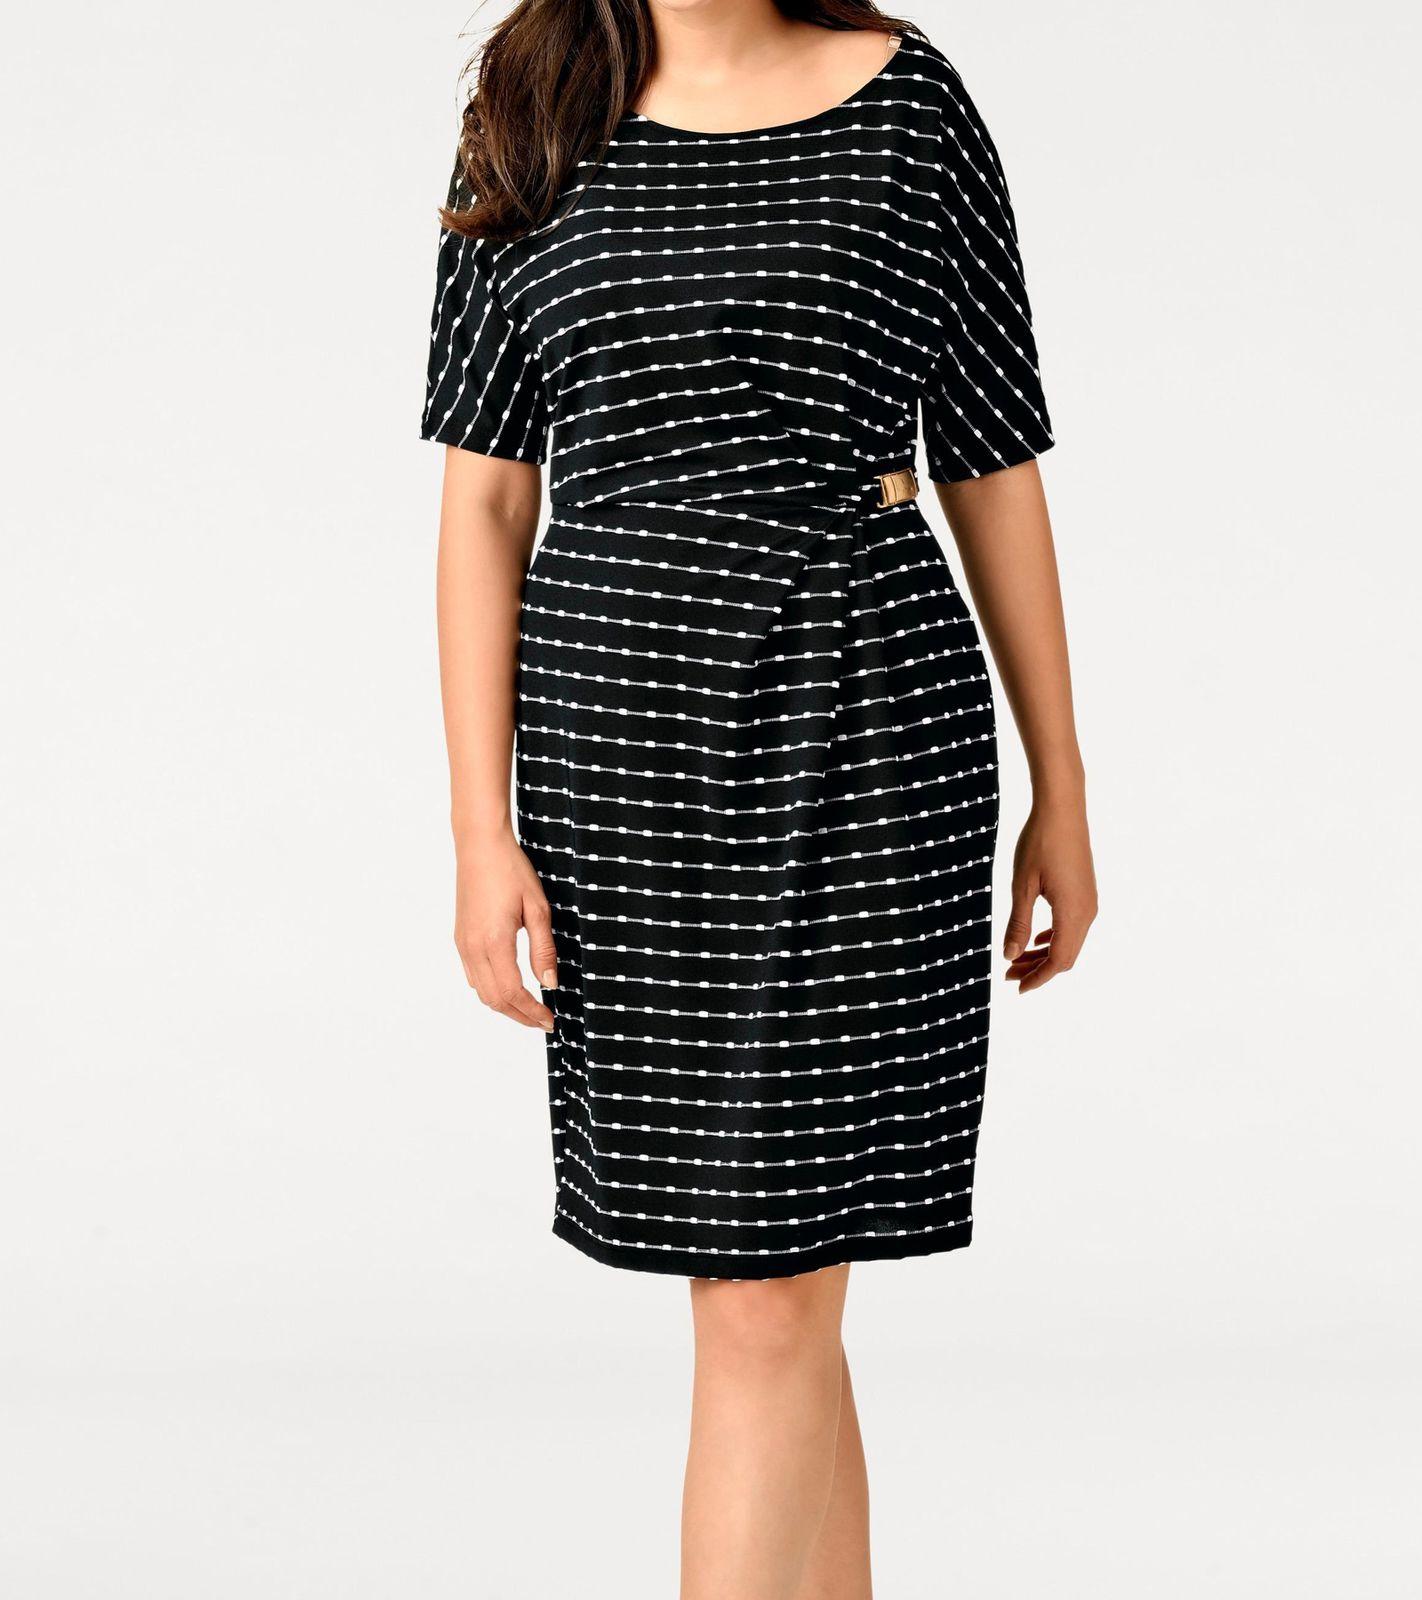 Tamaris Kleid geblümtes Minikleid Große Größen Sommerkleid Schwarz V-Neck Jersey